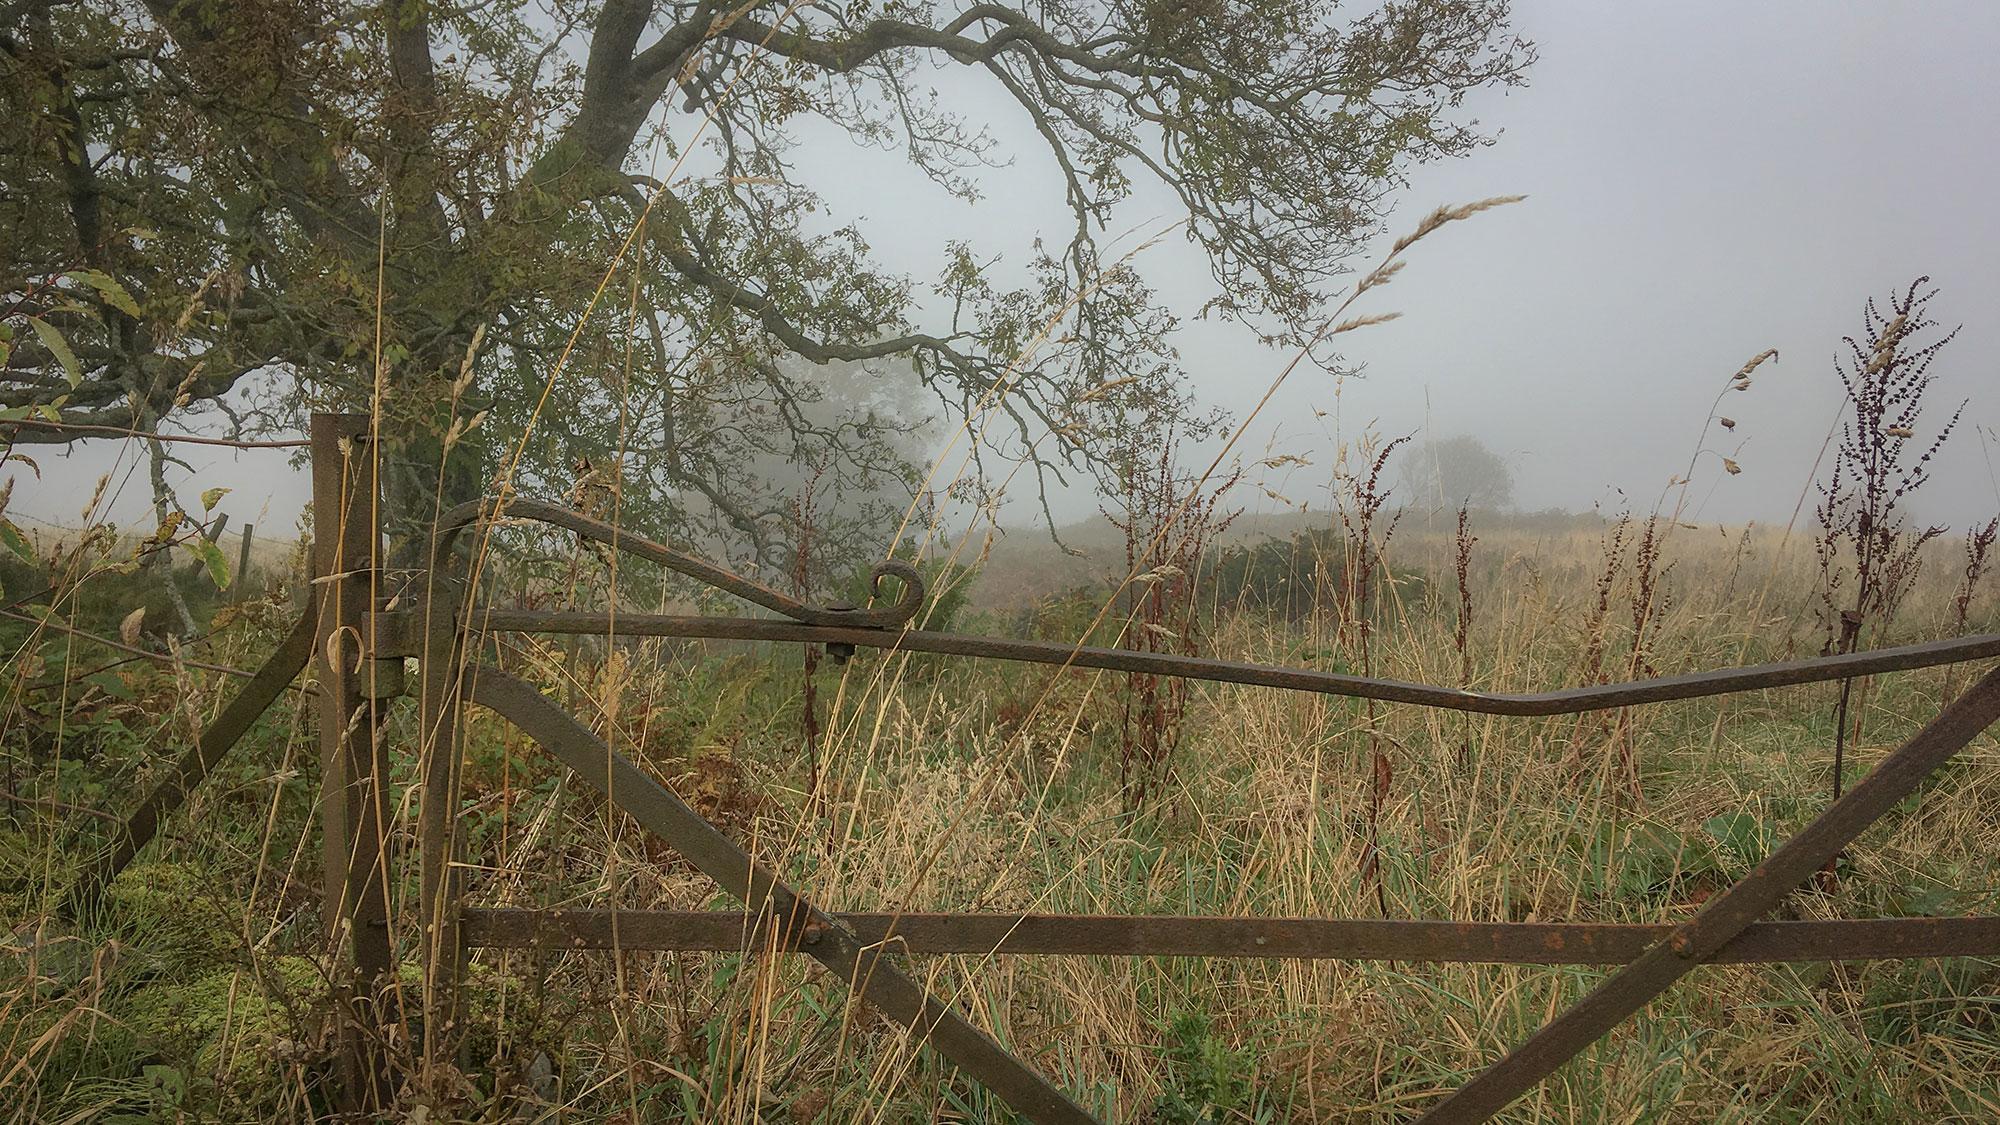 Metallzaun im Nebel